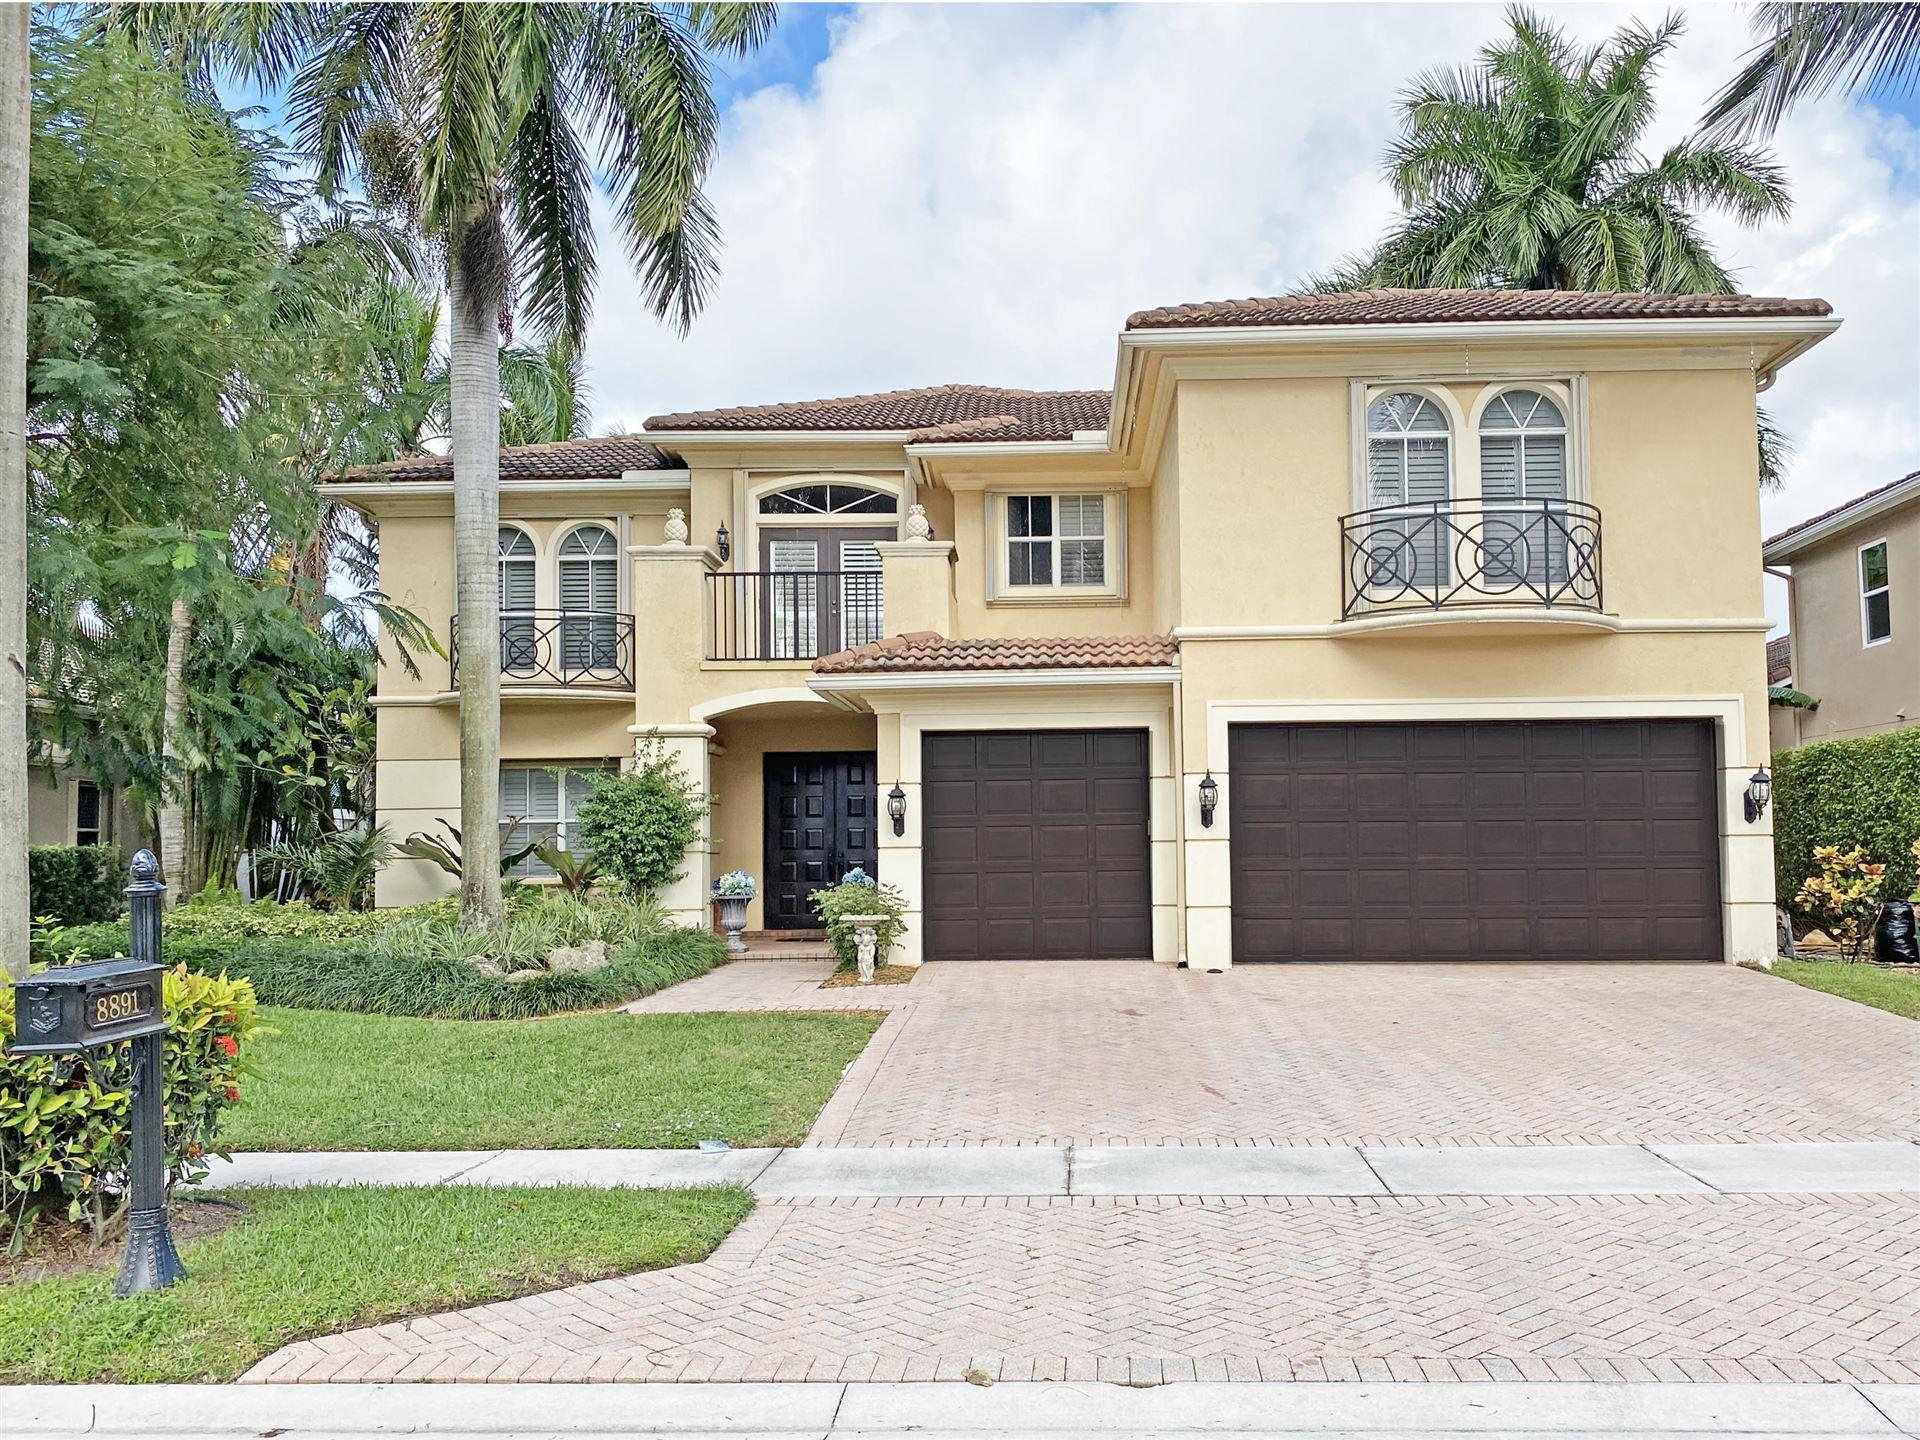 8891 Valhalla Drive, Delray Beach, FL 33446 - #: RX-10672896